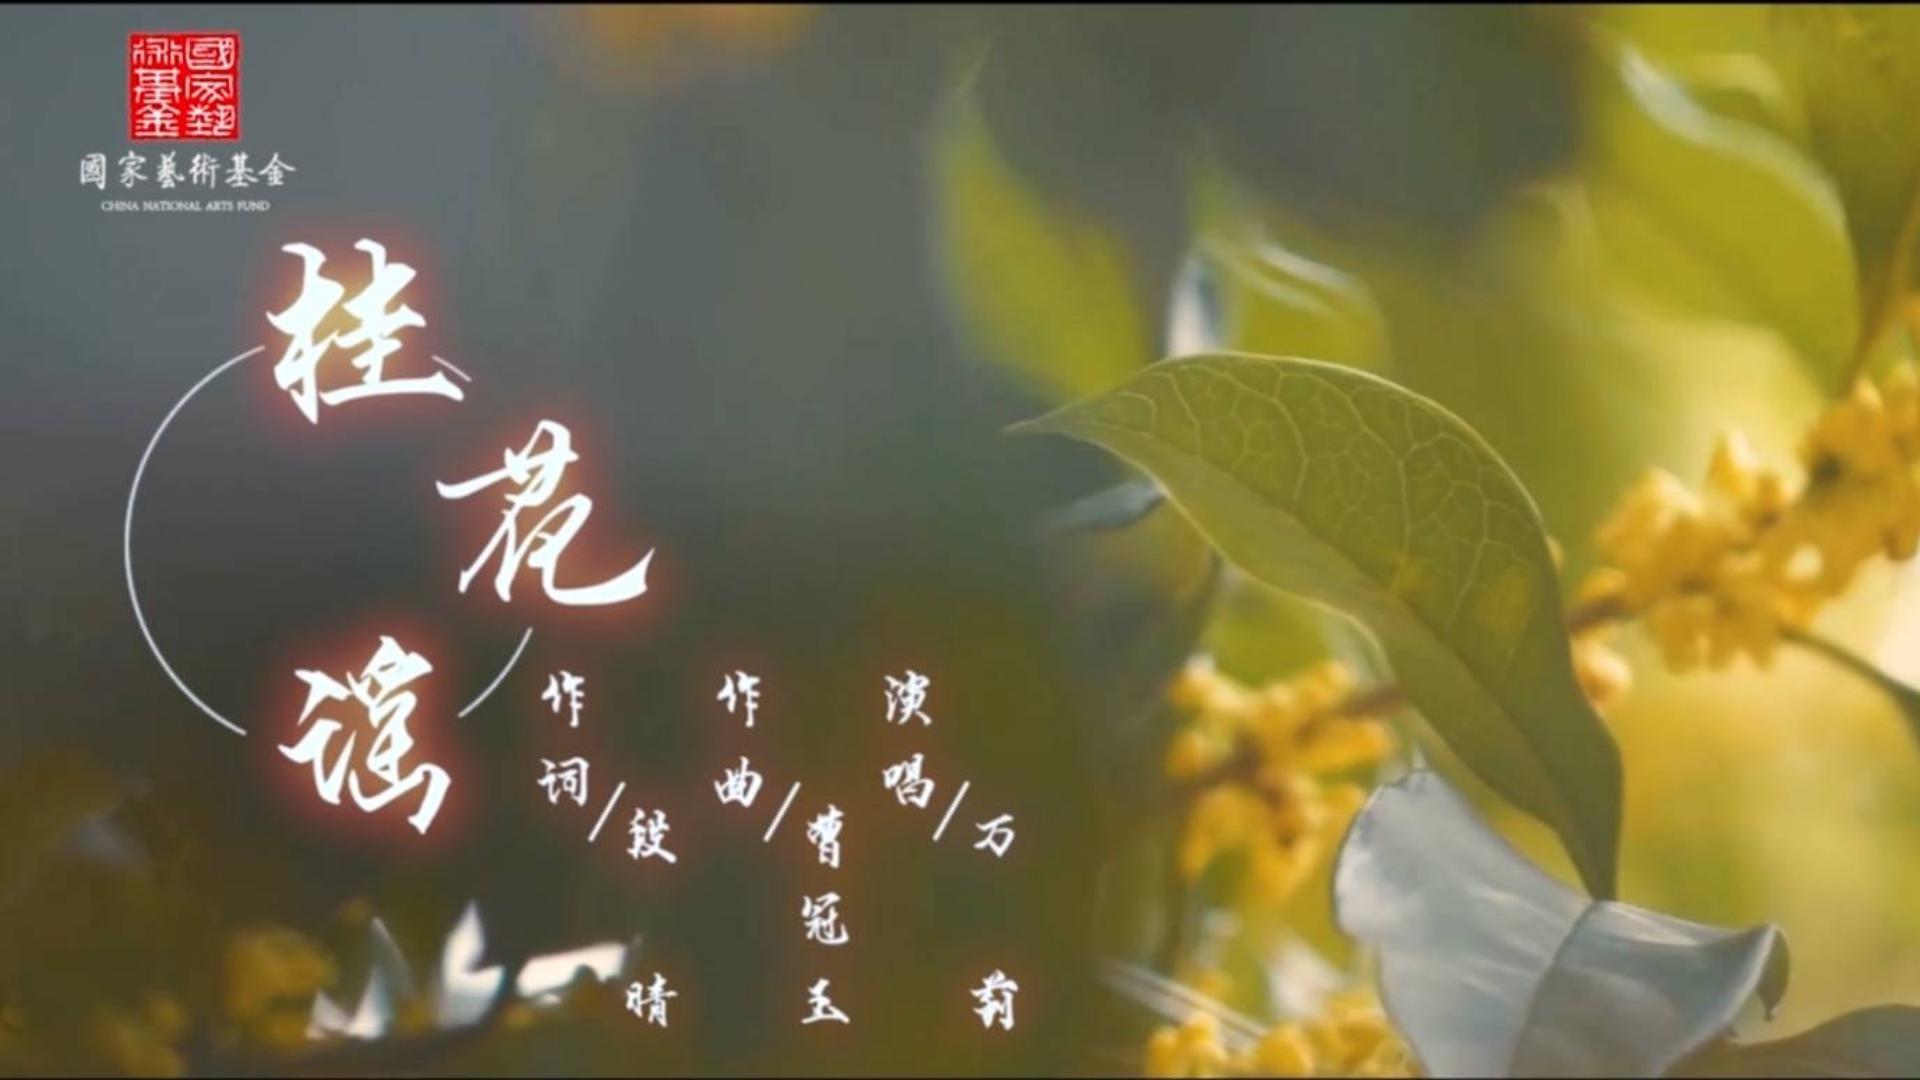 《桂花谣》MV——国家艺术基金